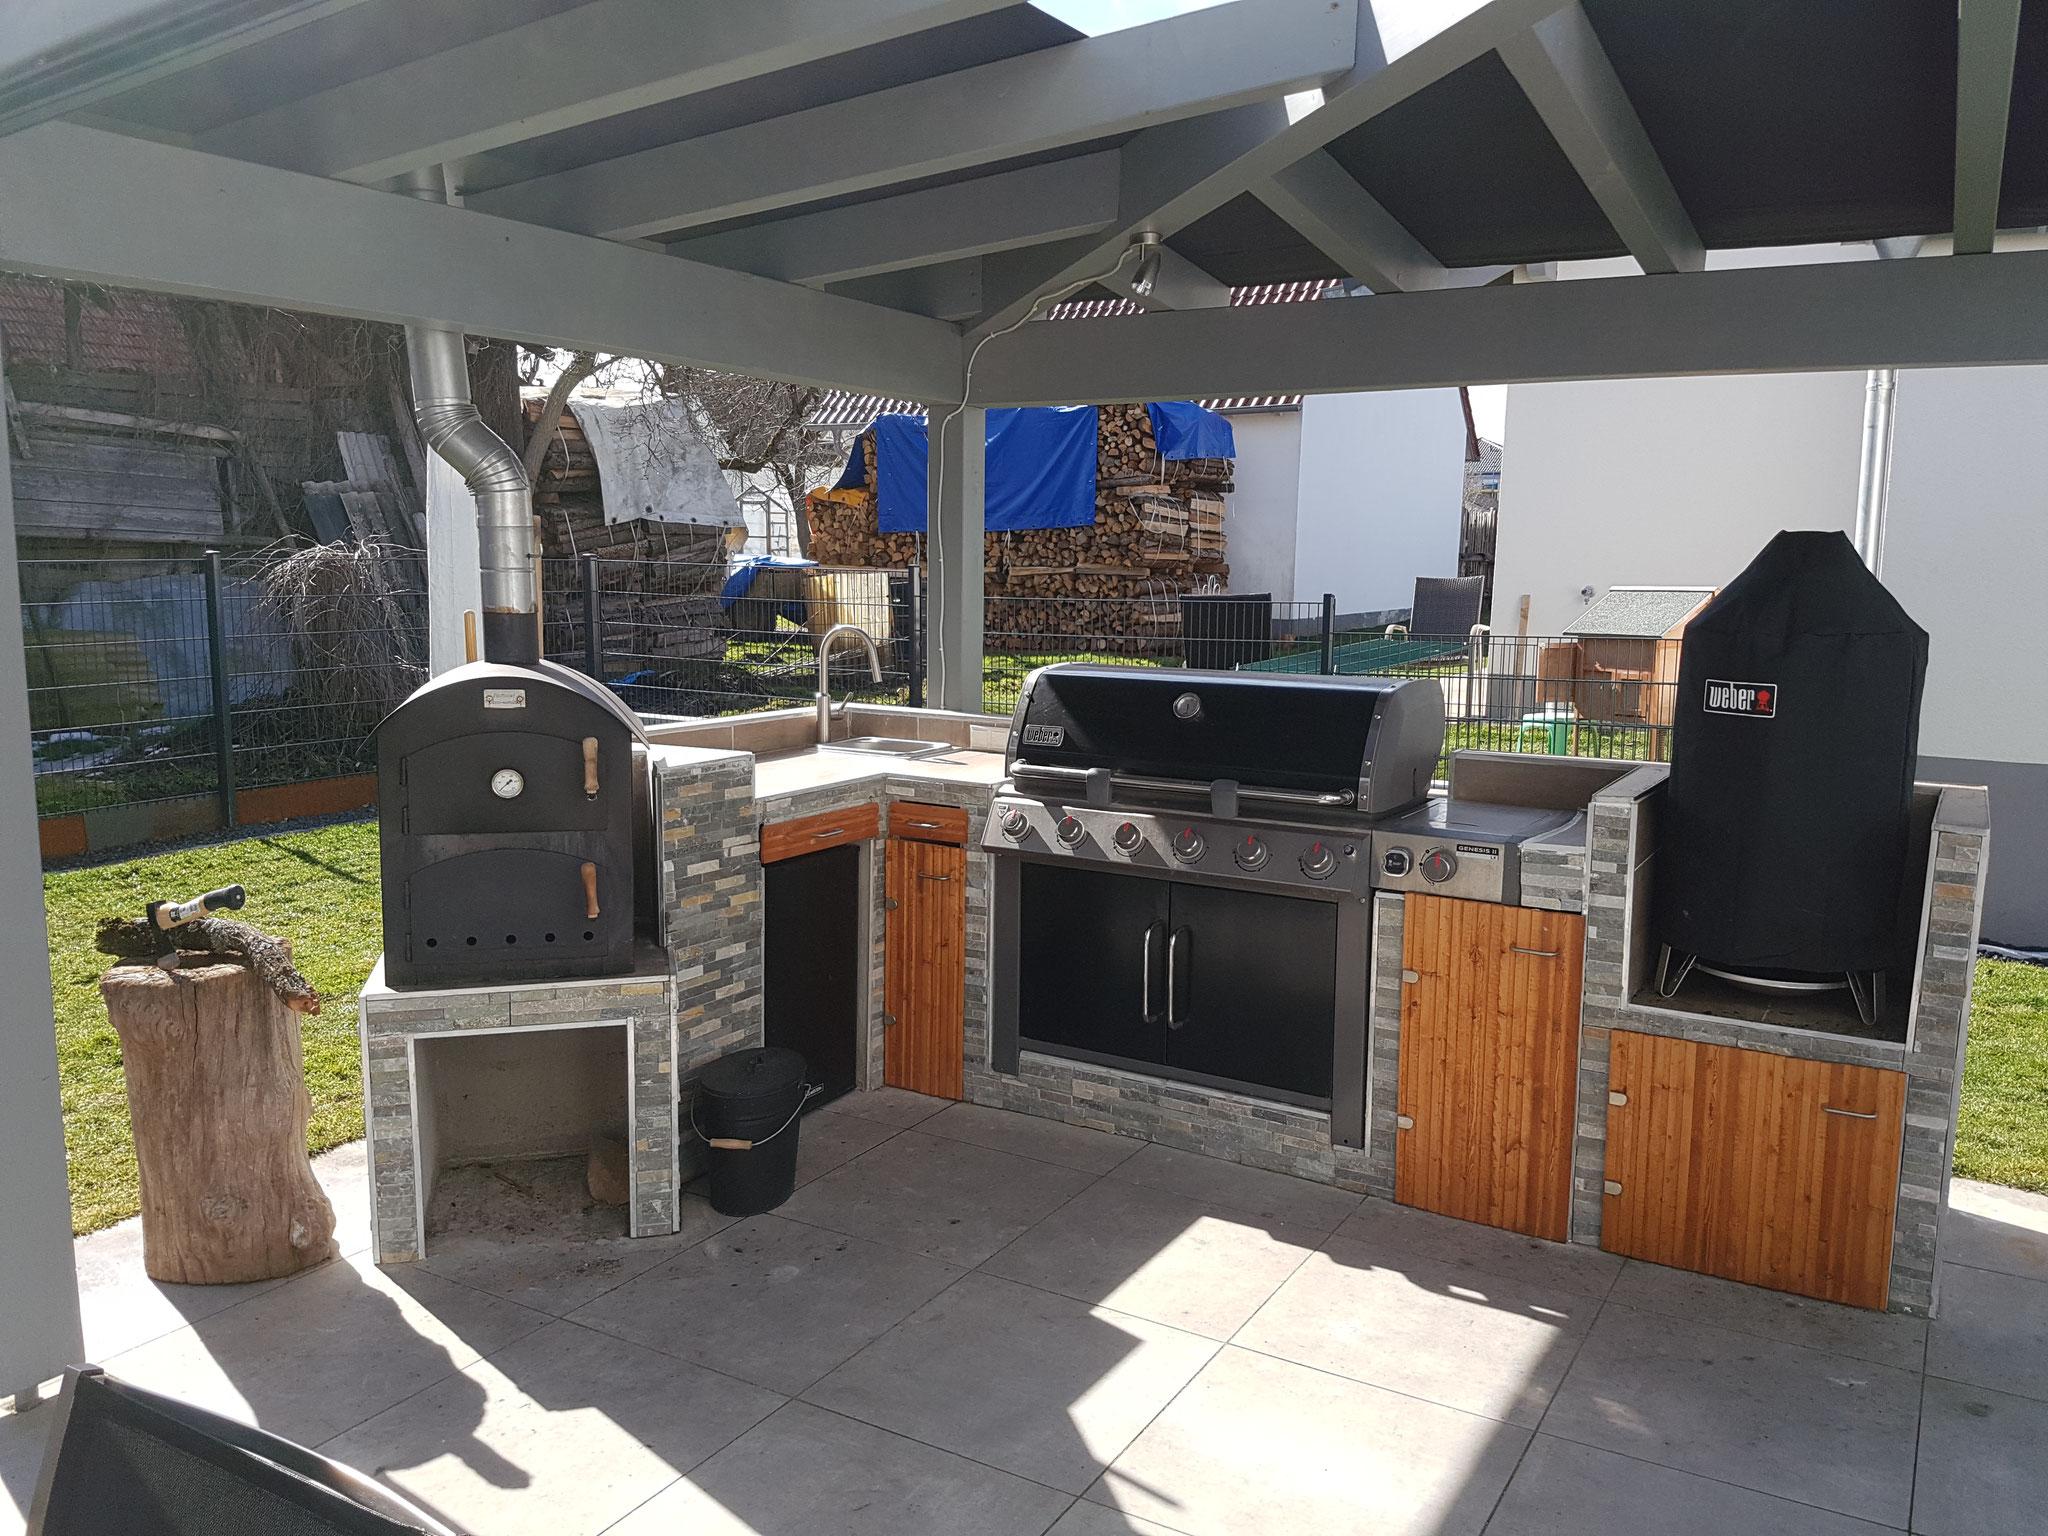 Outdoor Küche Verkleiden : Die outdoor küche kosten bauweise rezepte outdoorküche und